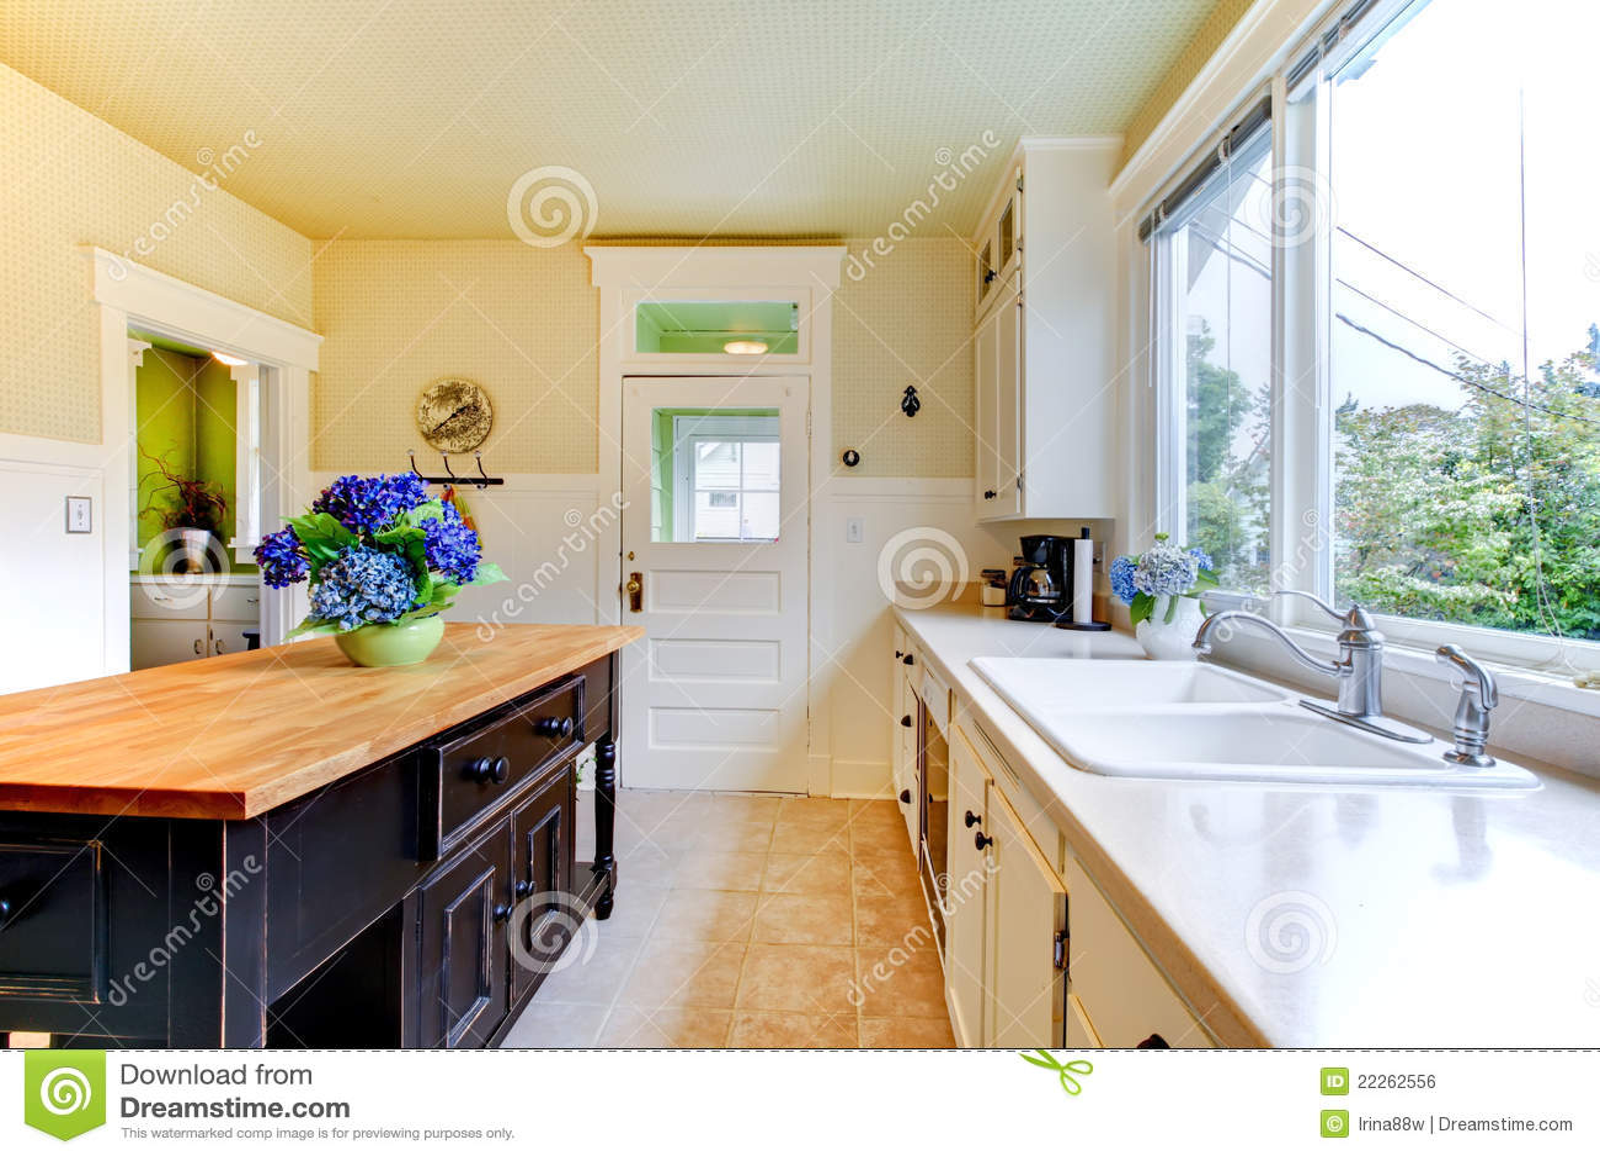 Oude antieke witte keuken met zwart eiland. royalty vrije stock ...